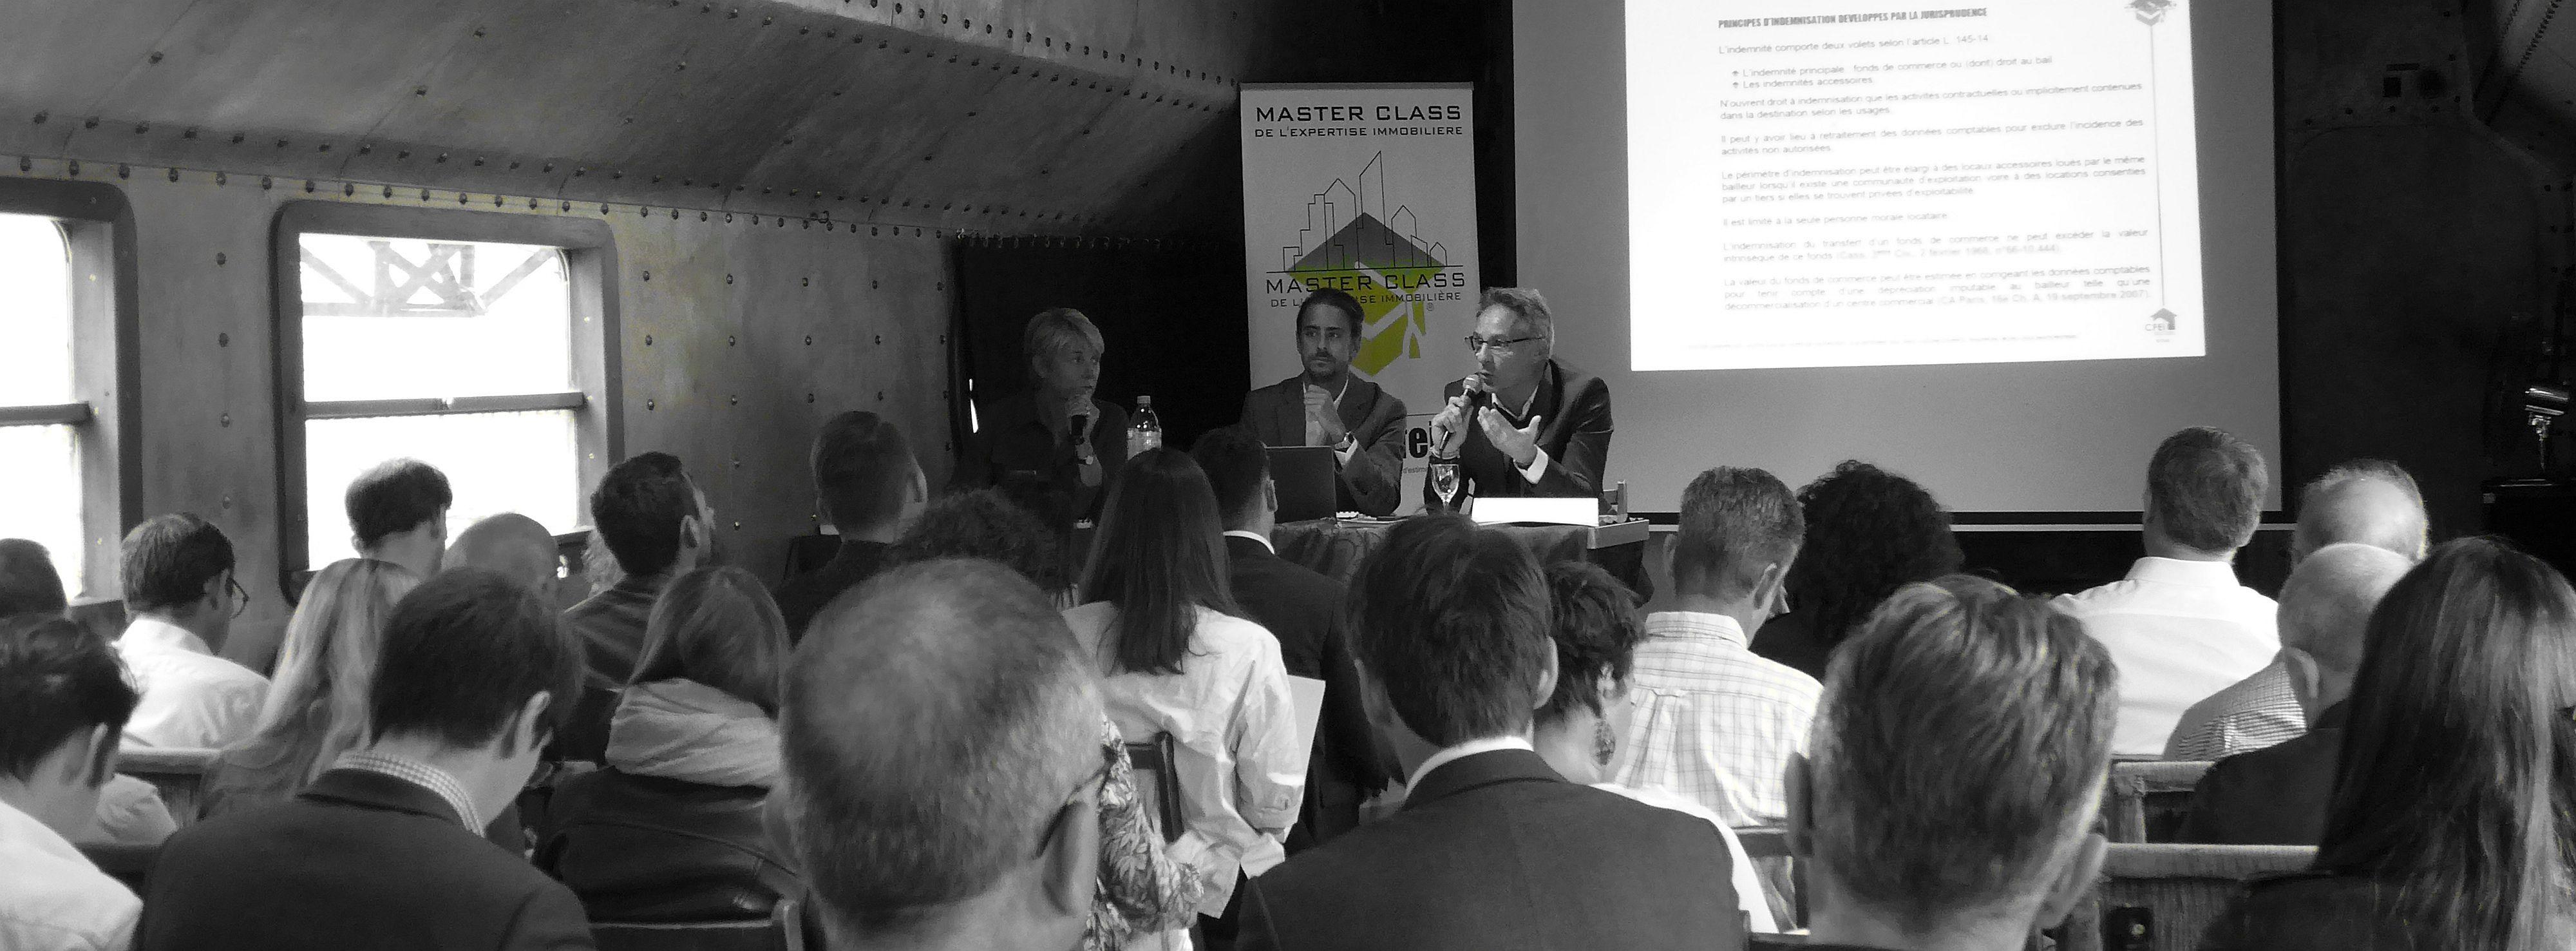 Intervention de Philippe FAVRE-REGUILLON expert immobilier lors de la Master class expertise immobilière sur le thème de l'eviction commerciale